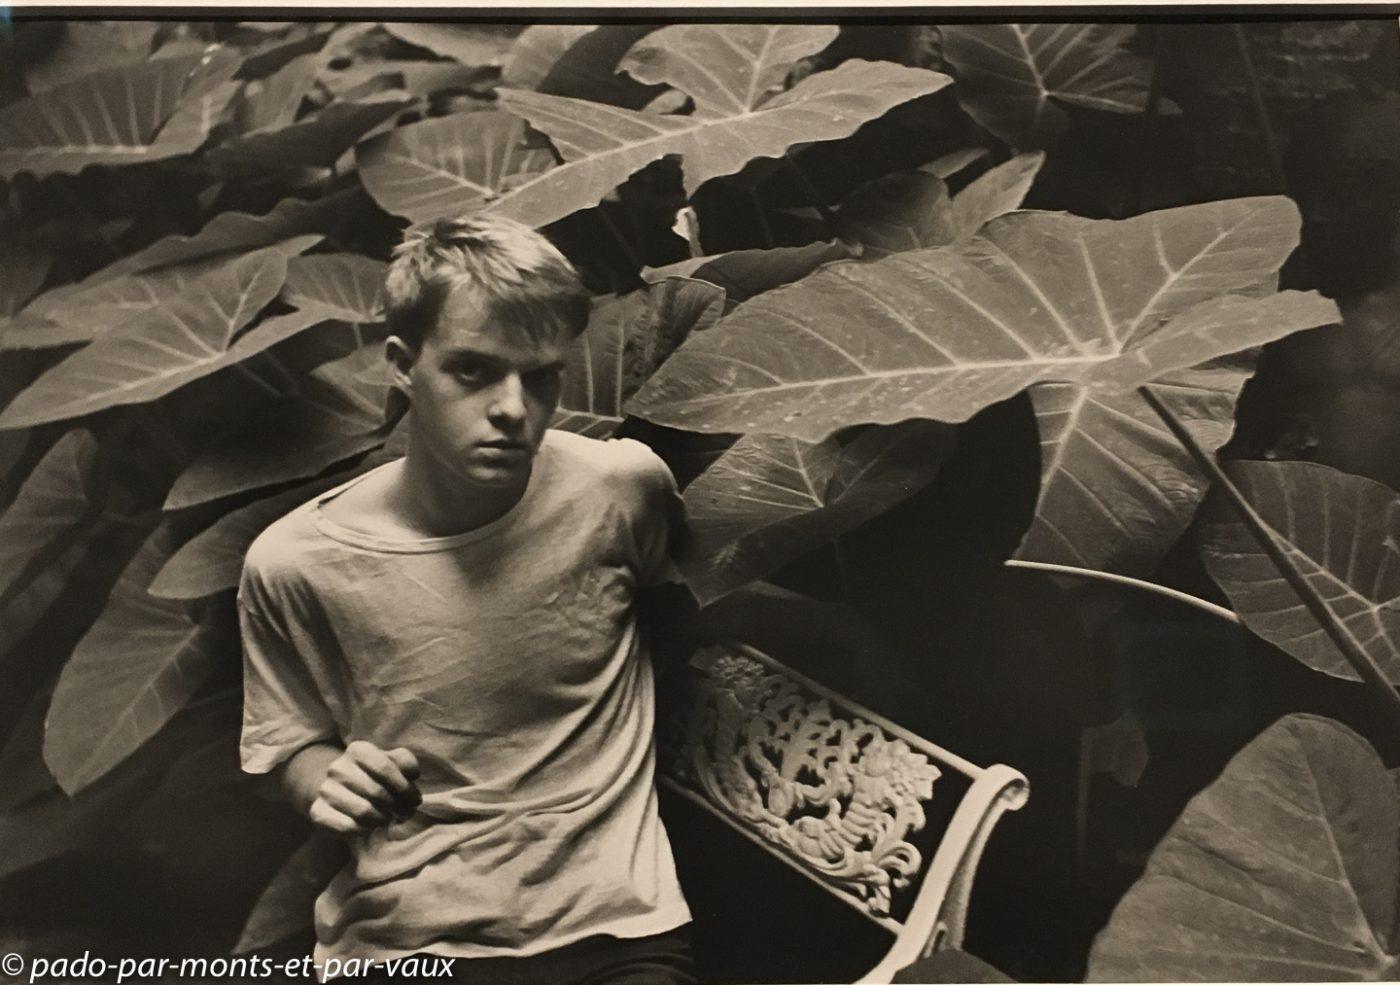 Cartier Bresson - Truman Capote 1946